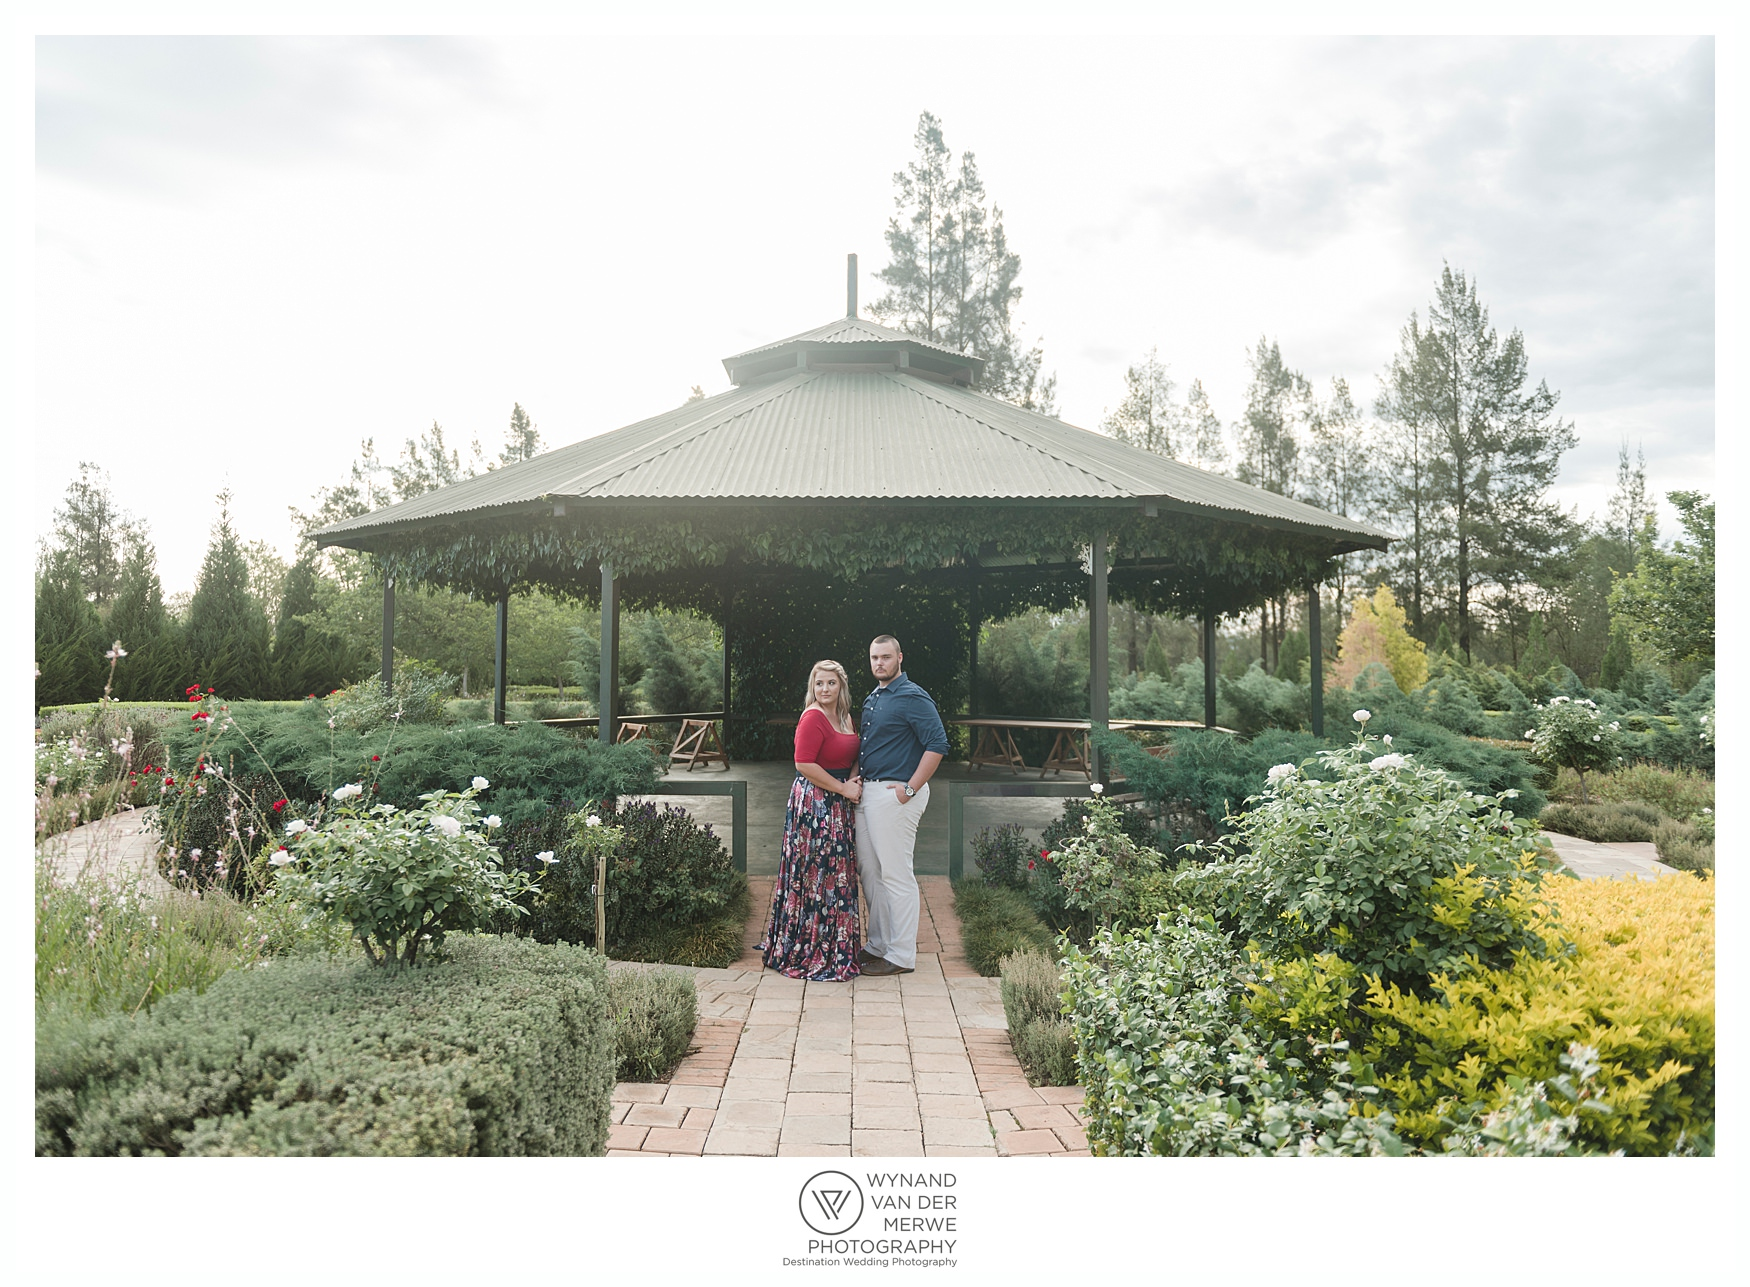 Rohan and Neruschke's eshoot at Rosemary Hill Farm